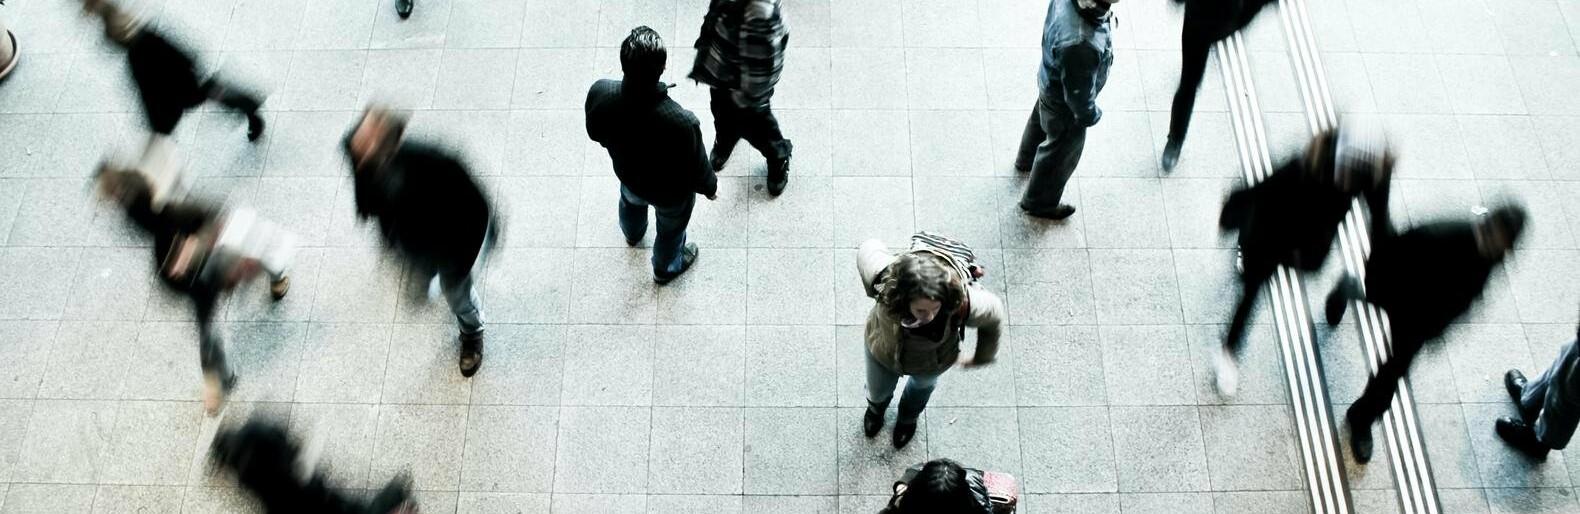 Стало известно, сколько людей в метро оштрафовали за отсутствие масок